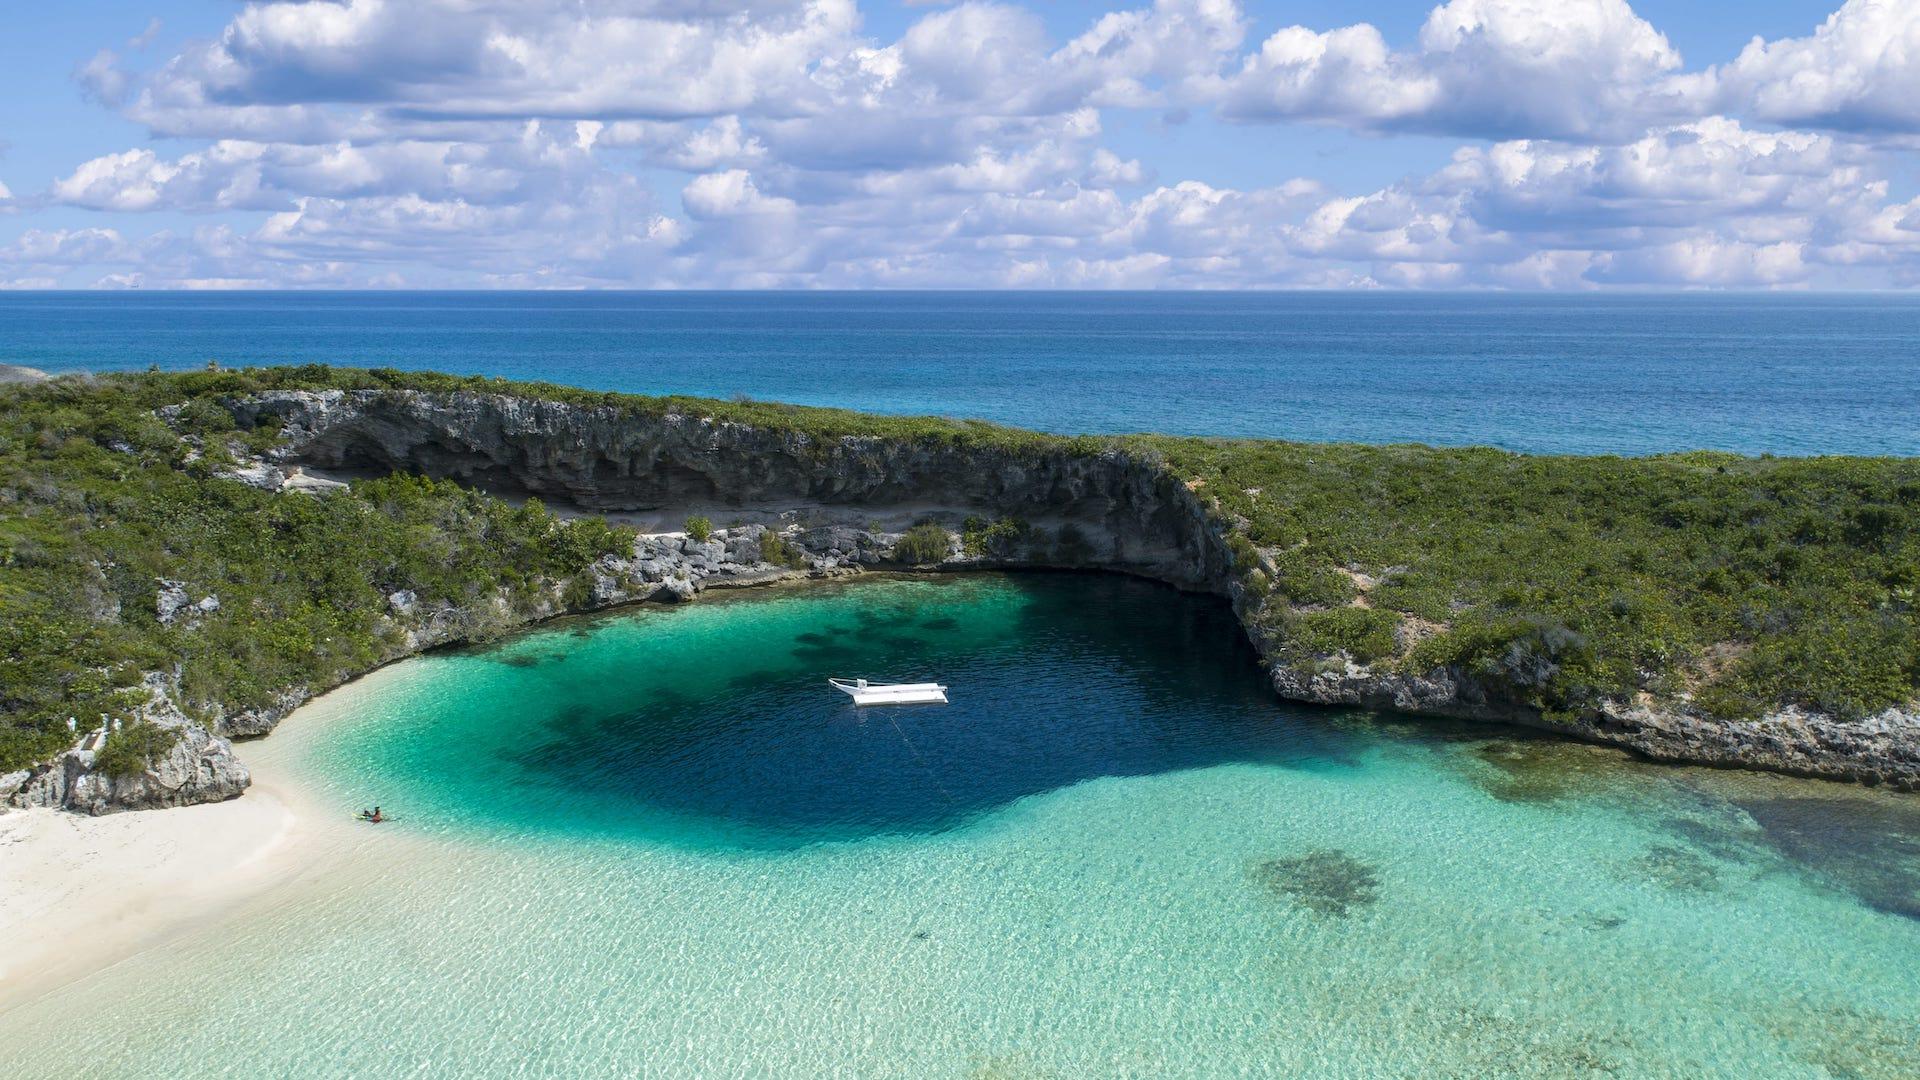 Se puede viajar a Las Bahamas: estos son los protocolos y requisitos